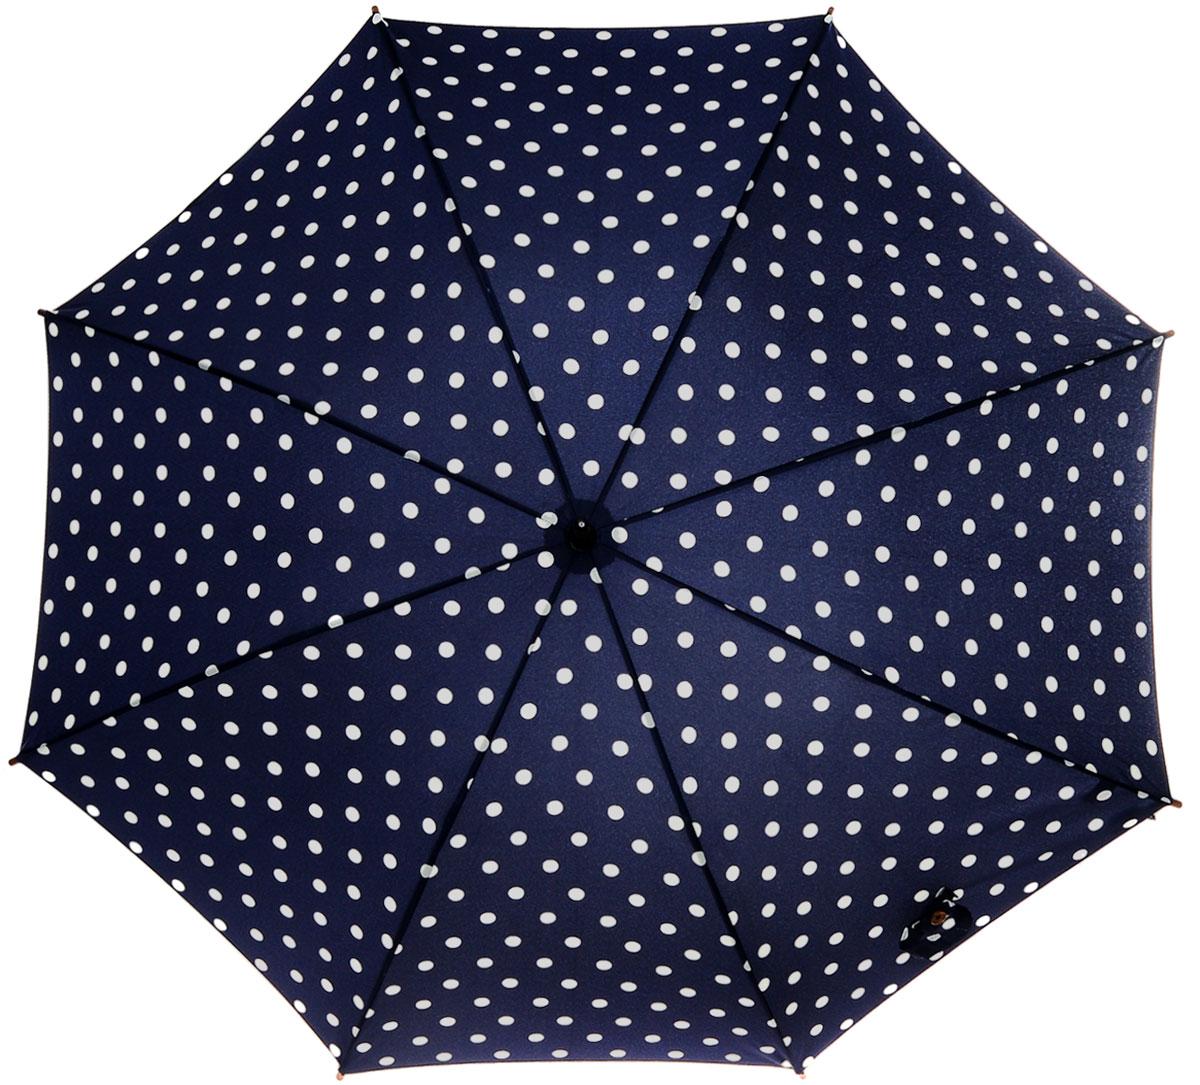 Зонт-трость женский Spot Navy, механический, цвет: синий, белыйREM12-CAM-GREENBLACKСтильный механический зонт-трость Spot Navy даже в ненастную погоду позволит вам оставаться элегантной. Облегченный каркас зонта выполнен из 8 спиц из фибергласса, стержень изготовлен из дерева. Купол зонта выполнен из прочного полиэстера и оформлен принтом в горошек. Рукоятка закругленной формы разработана с учетом требований эргономики и выполнена из дерева. Зонт имеет механический тип сложения: купол открывается и закрывается вручную до характерного щелчка.Такой зонт не только надежно защитит вас от дождя, но и станет стильным аксессуаром. Характеристики:Материал: полиэстер, фибергласс, дерево. Диаметр купола: 100 см.Цвет: синий, белый. Длина стержня зонта: 76 см. Длина зонта (в сложенном виде): 88 см.Вес: 375 г. Артикул: L541 3F2654.